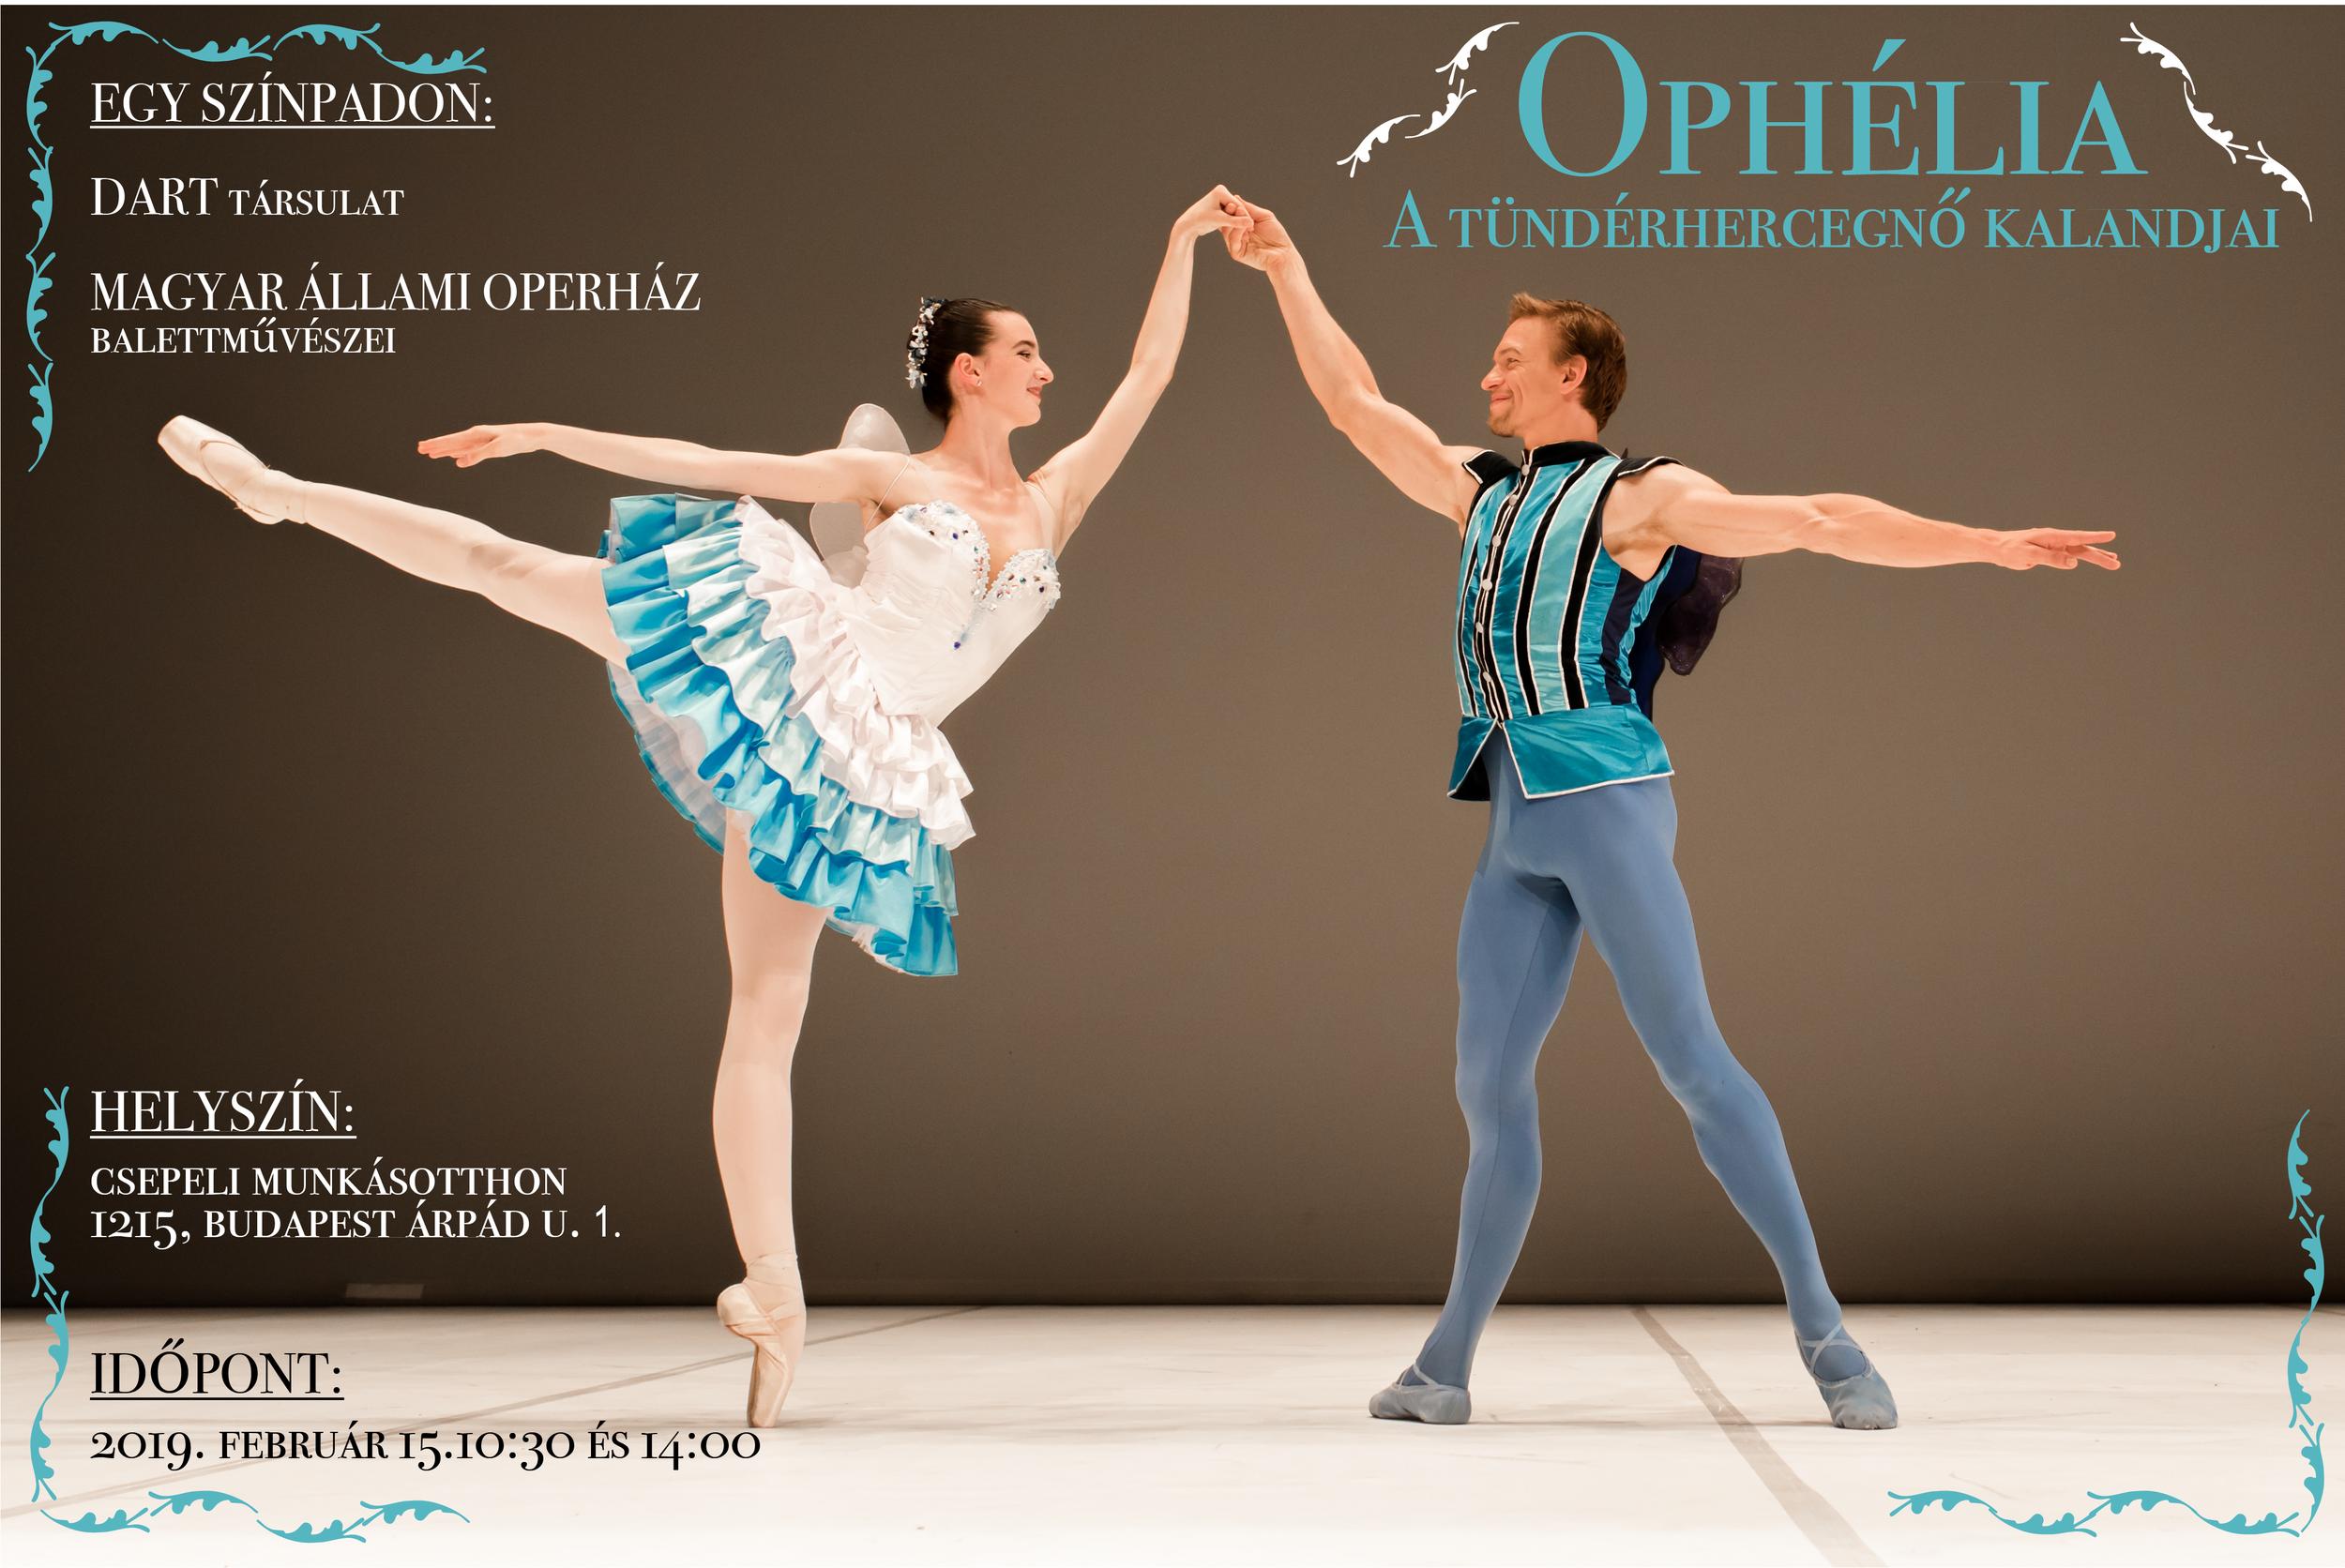 Ophélia - Időpont: 2019. február 15. 10.30 és 14.00Helyszín: Csepeli Munkásotthon